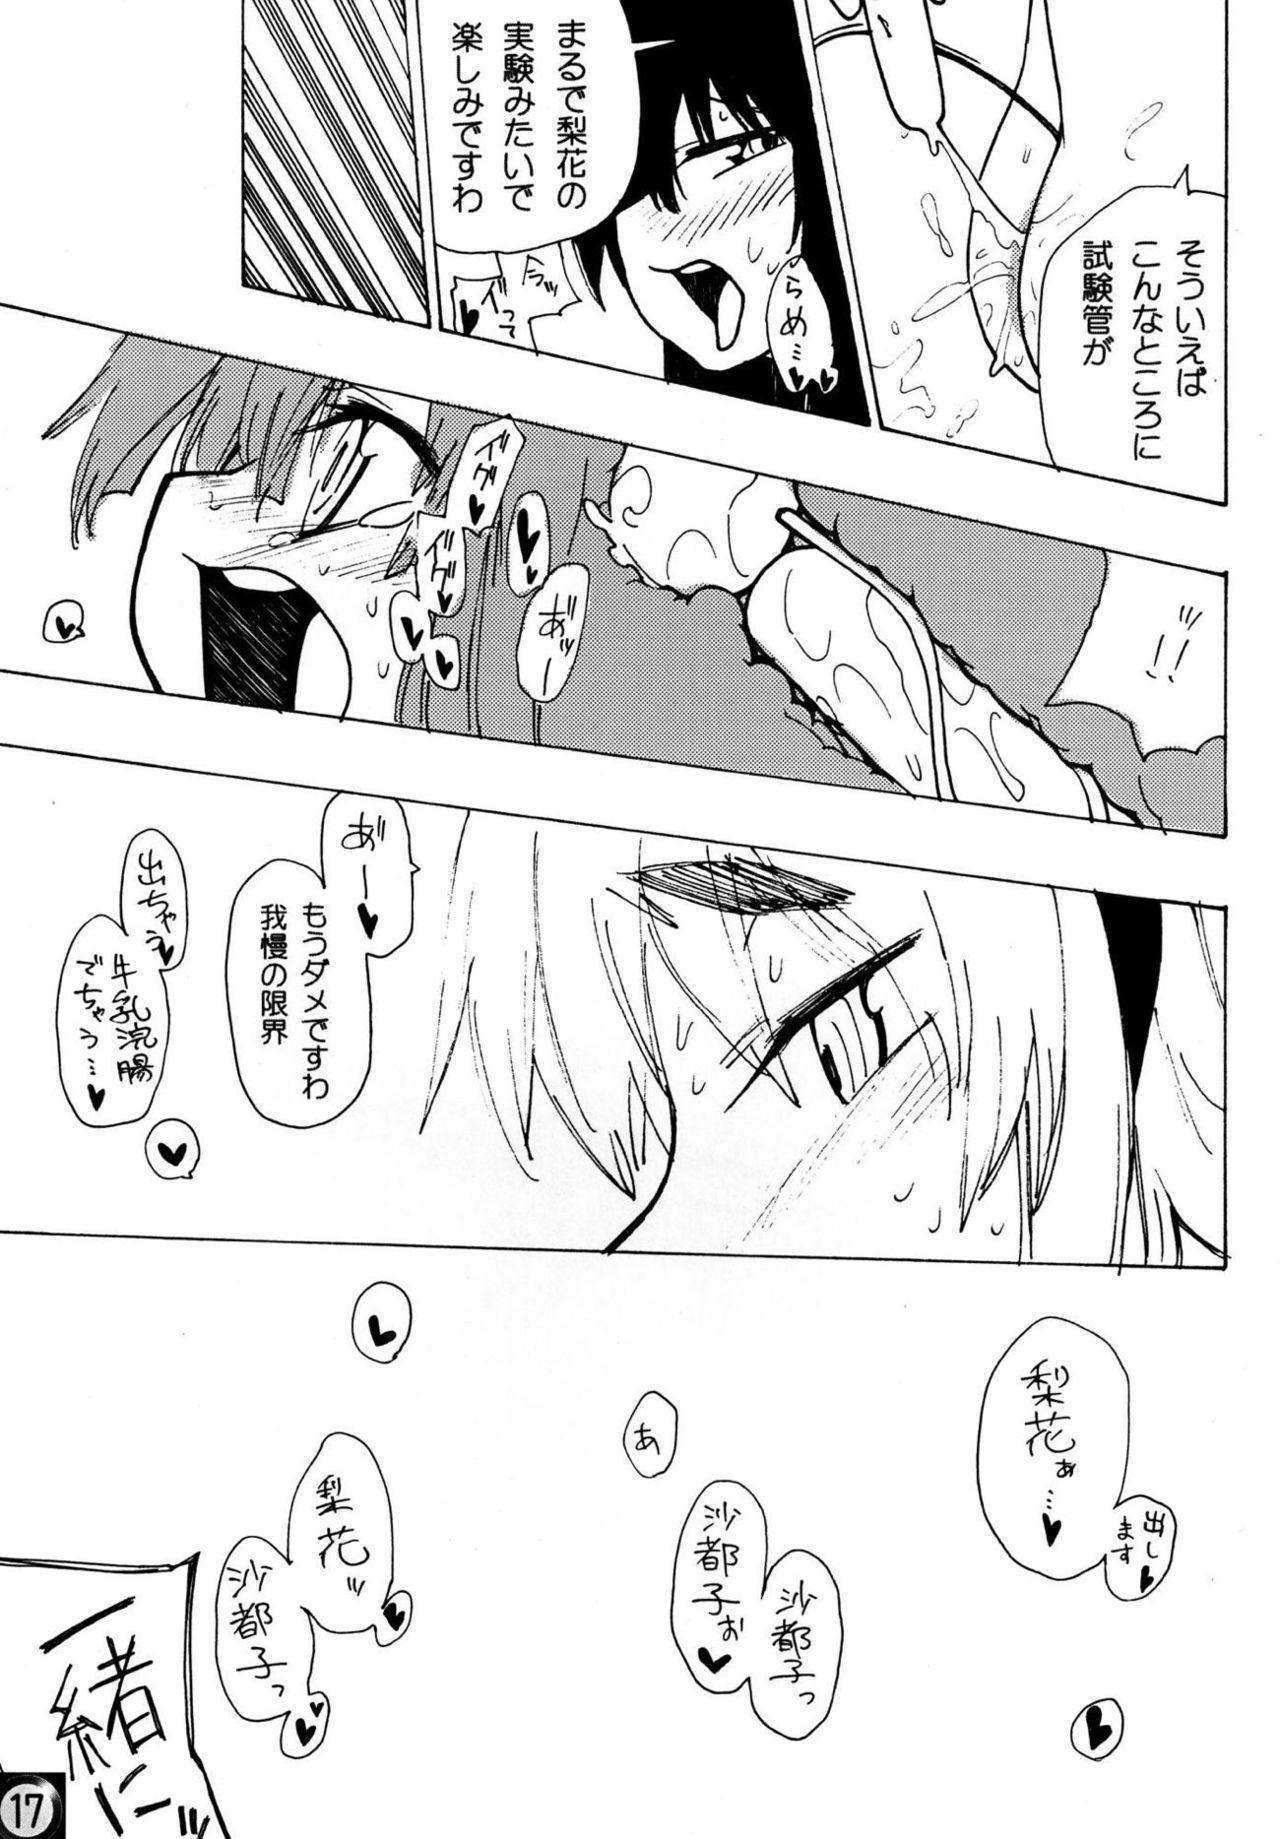 Ecchi ja Nai to Ikenai to Omoimasu!! 15